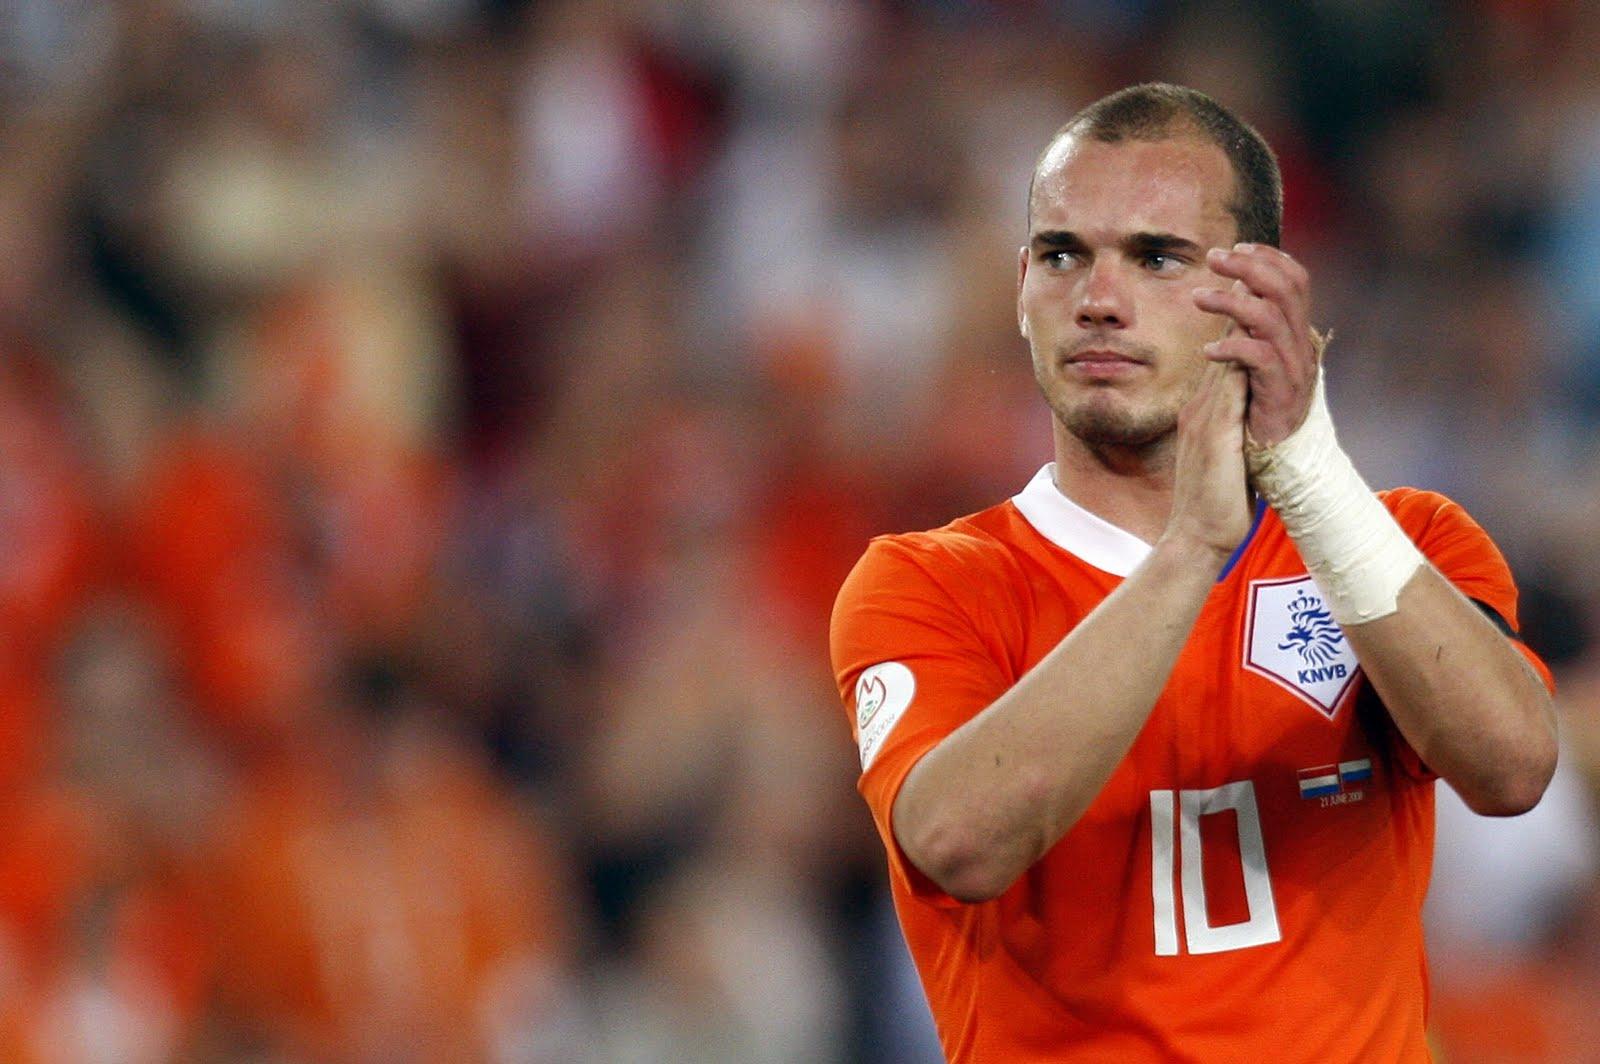 Nike leak Sneijder move to Man Utd?